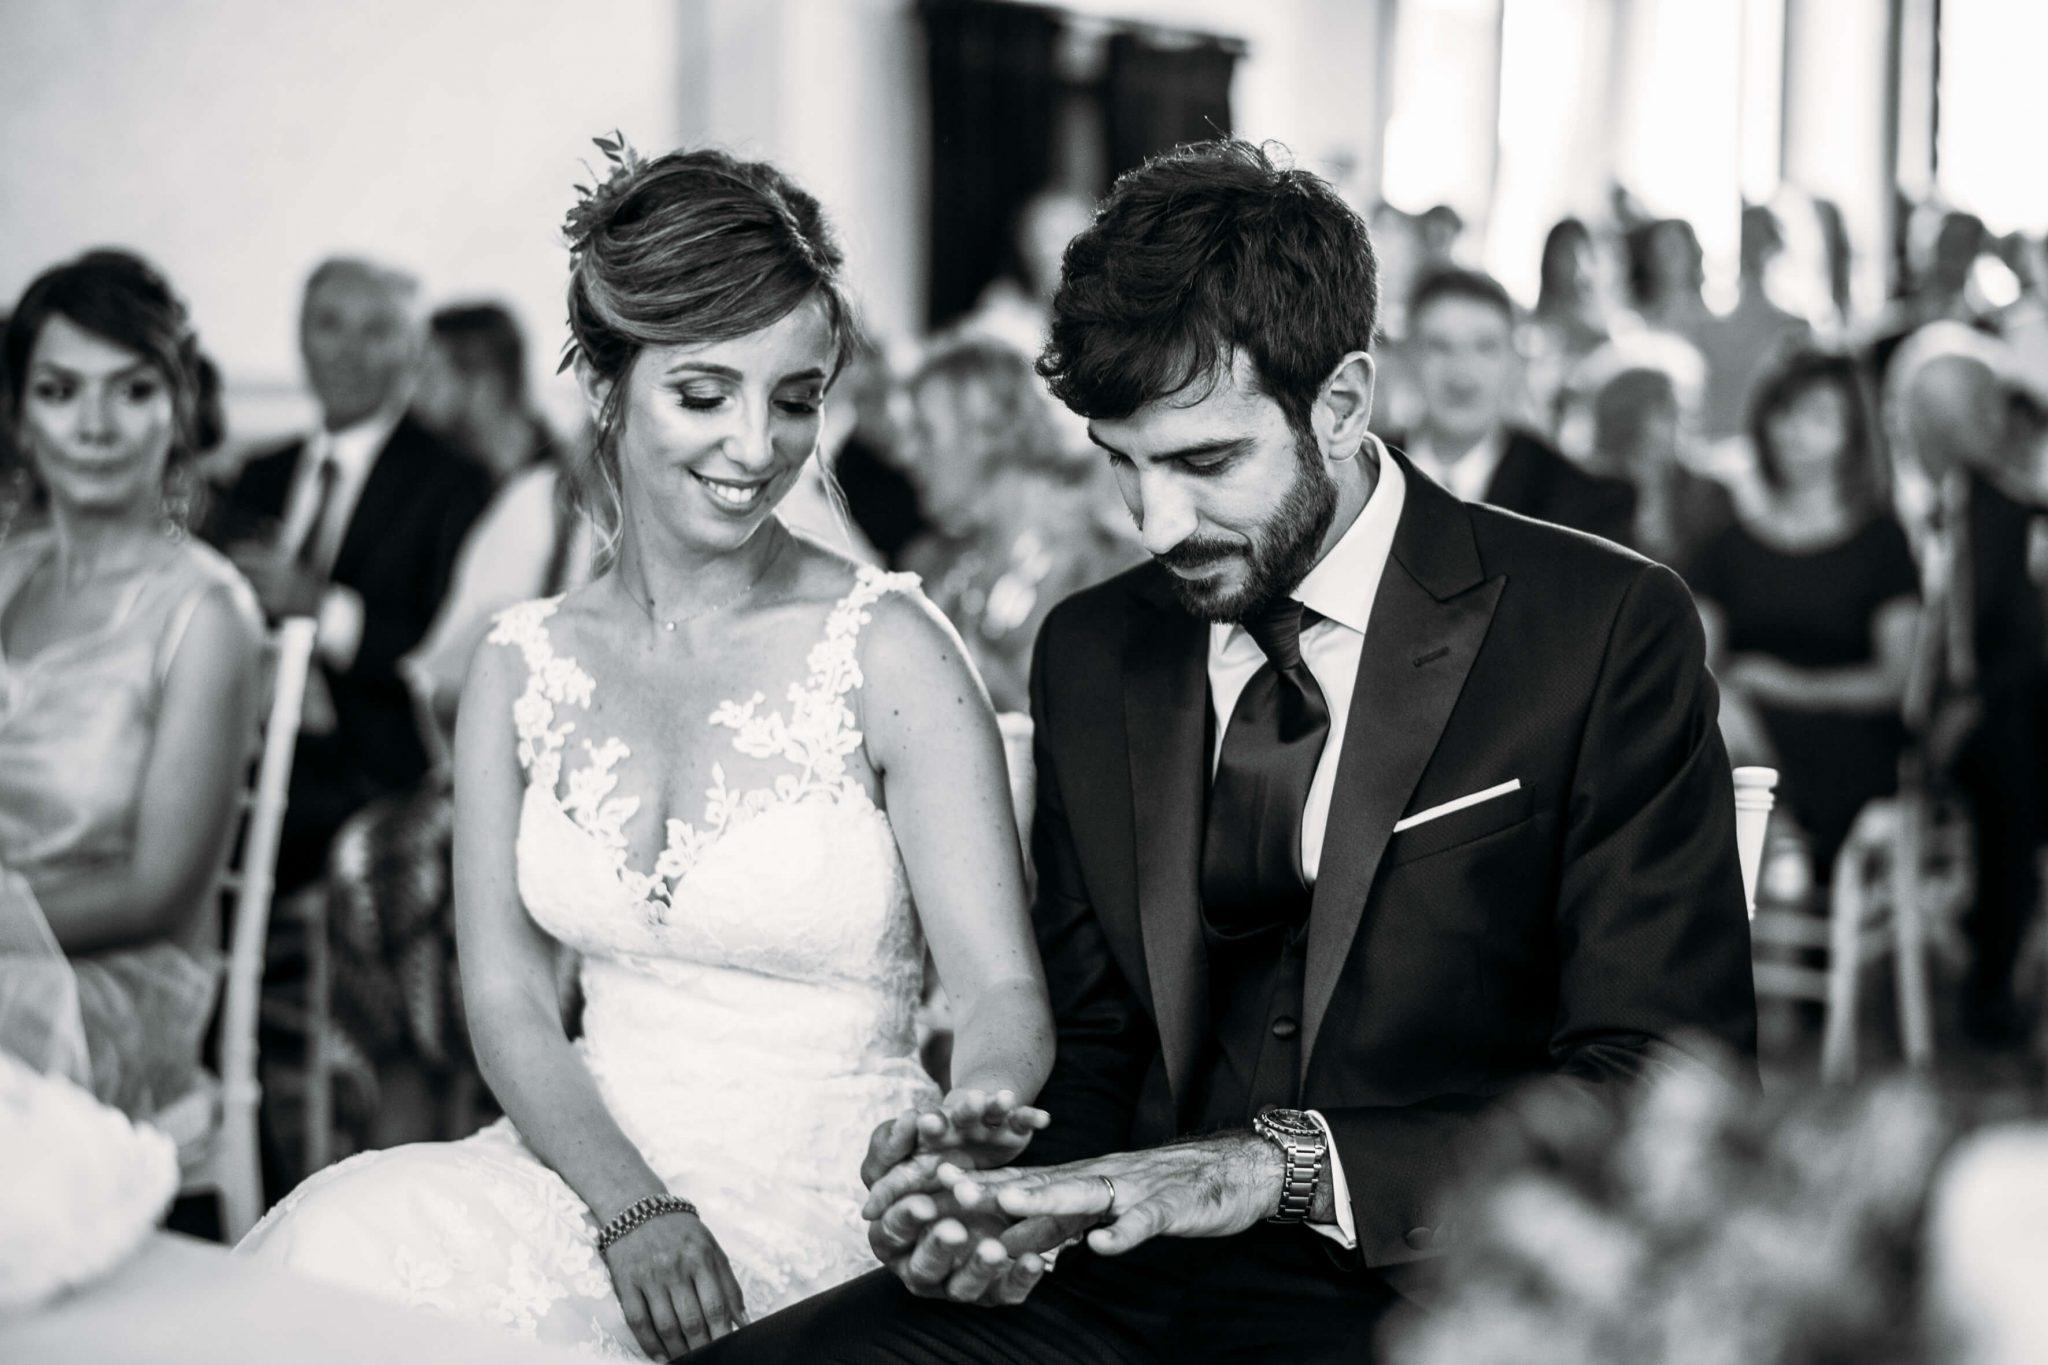 la sposa felice guarda la mano dello sposo con la fede davanti all'altare